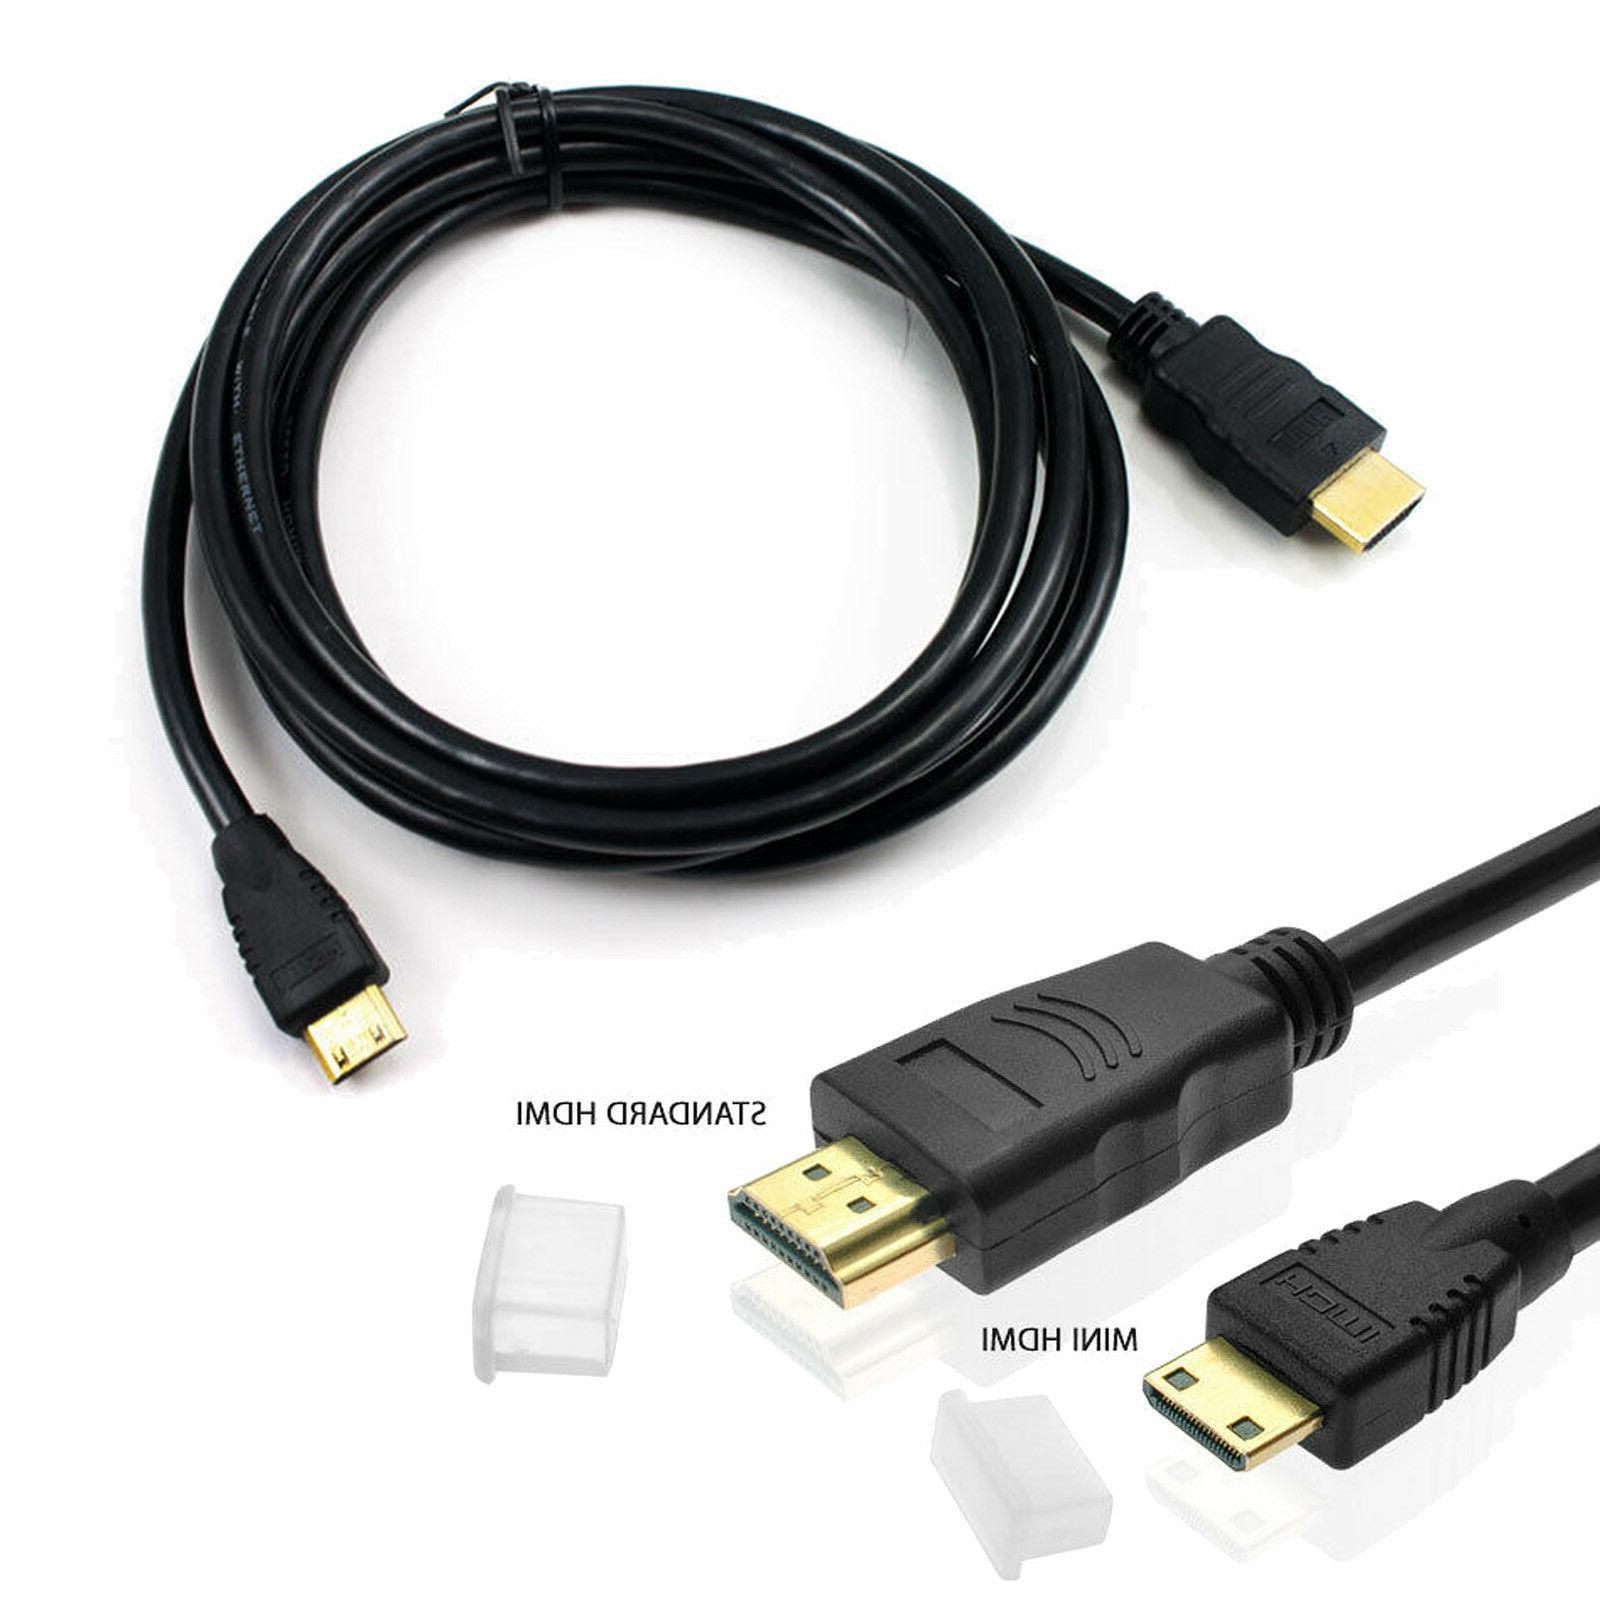 CANON EOS CAMERA MINI LEAD CONNECT TO HD